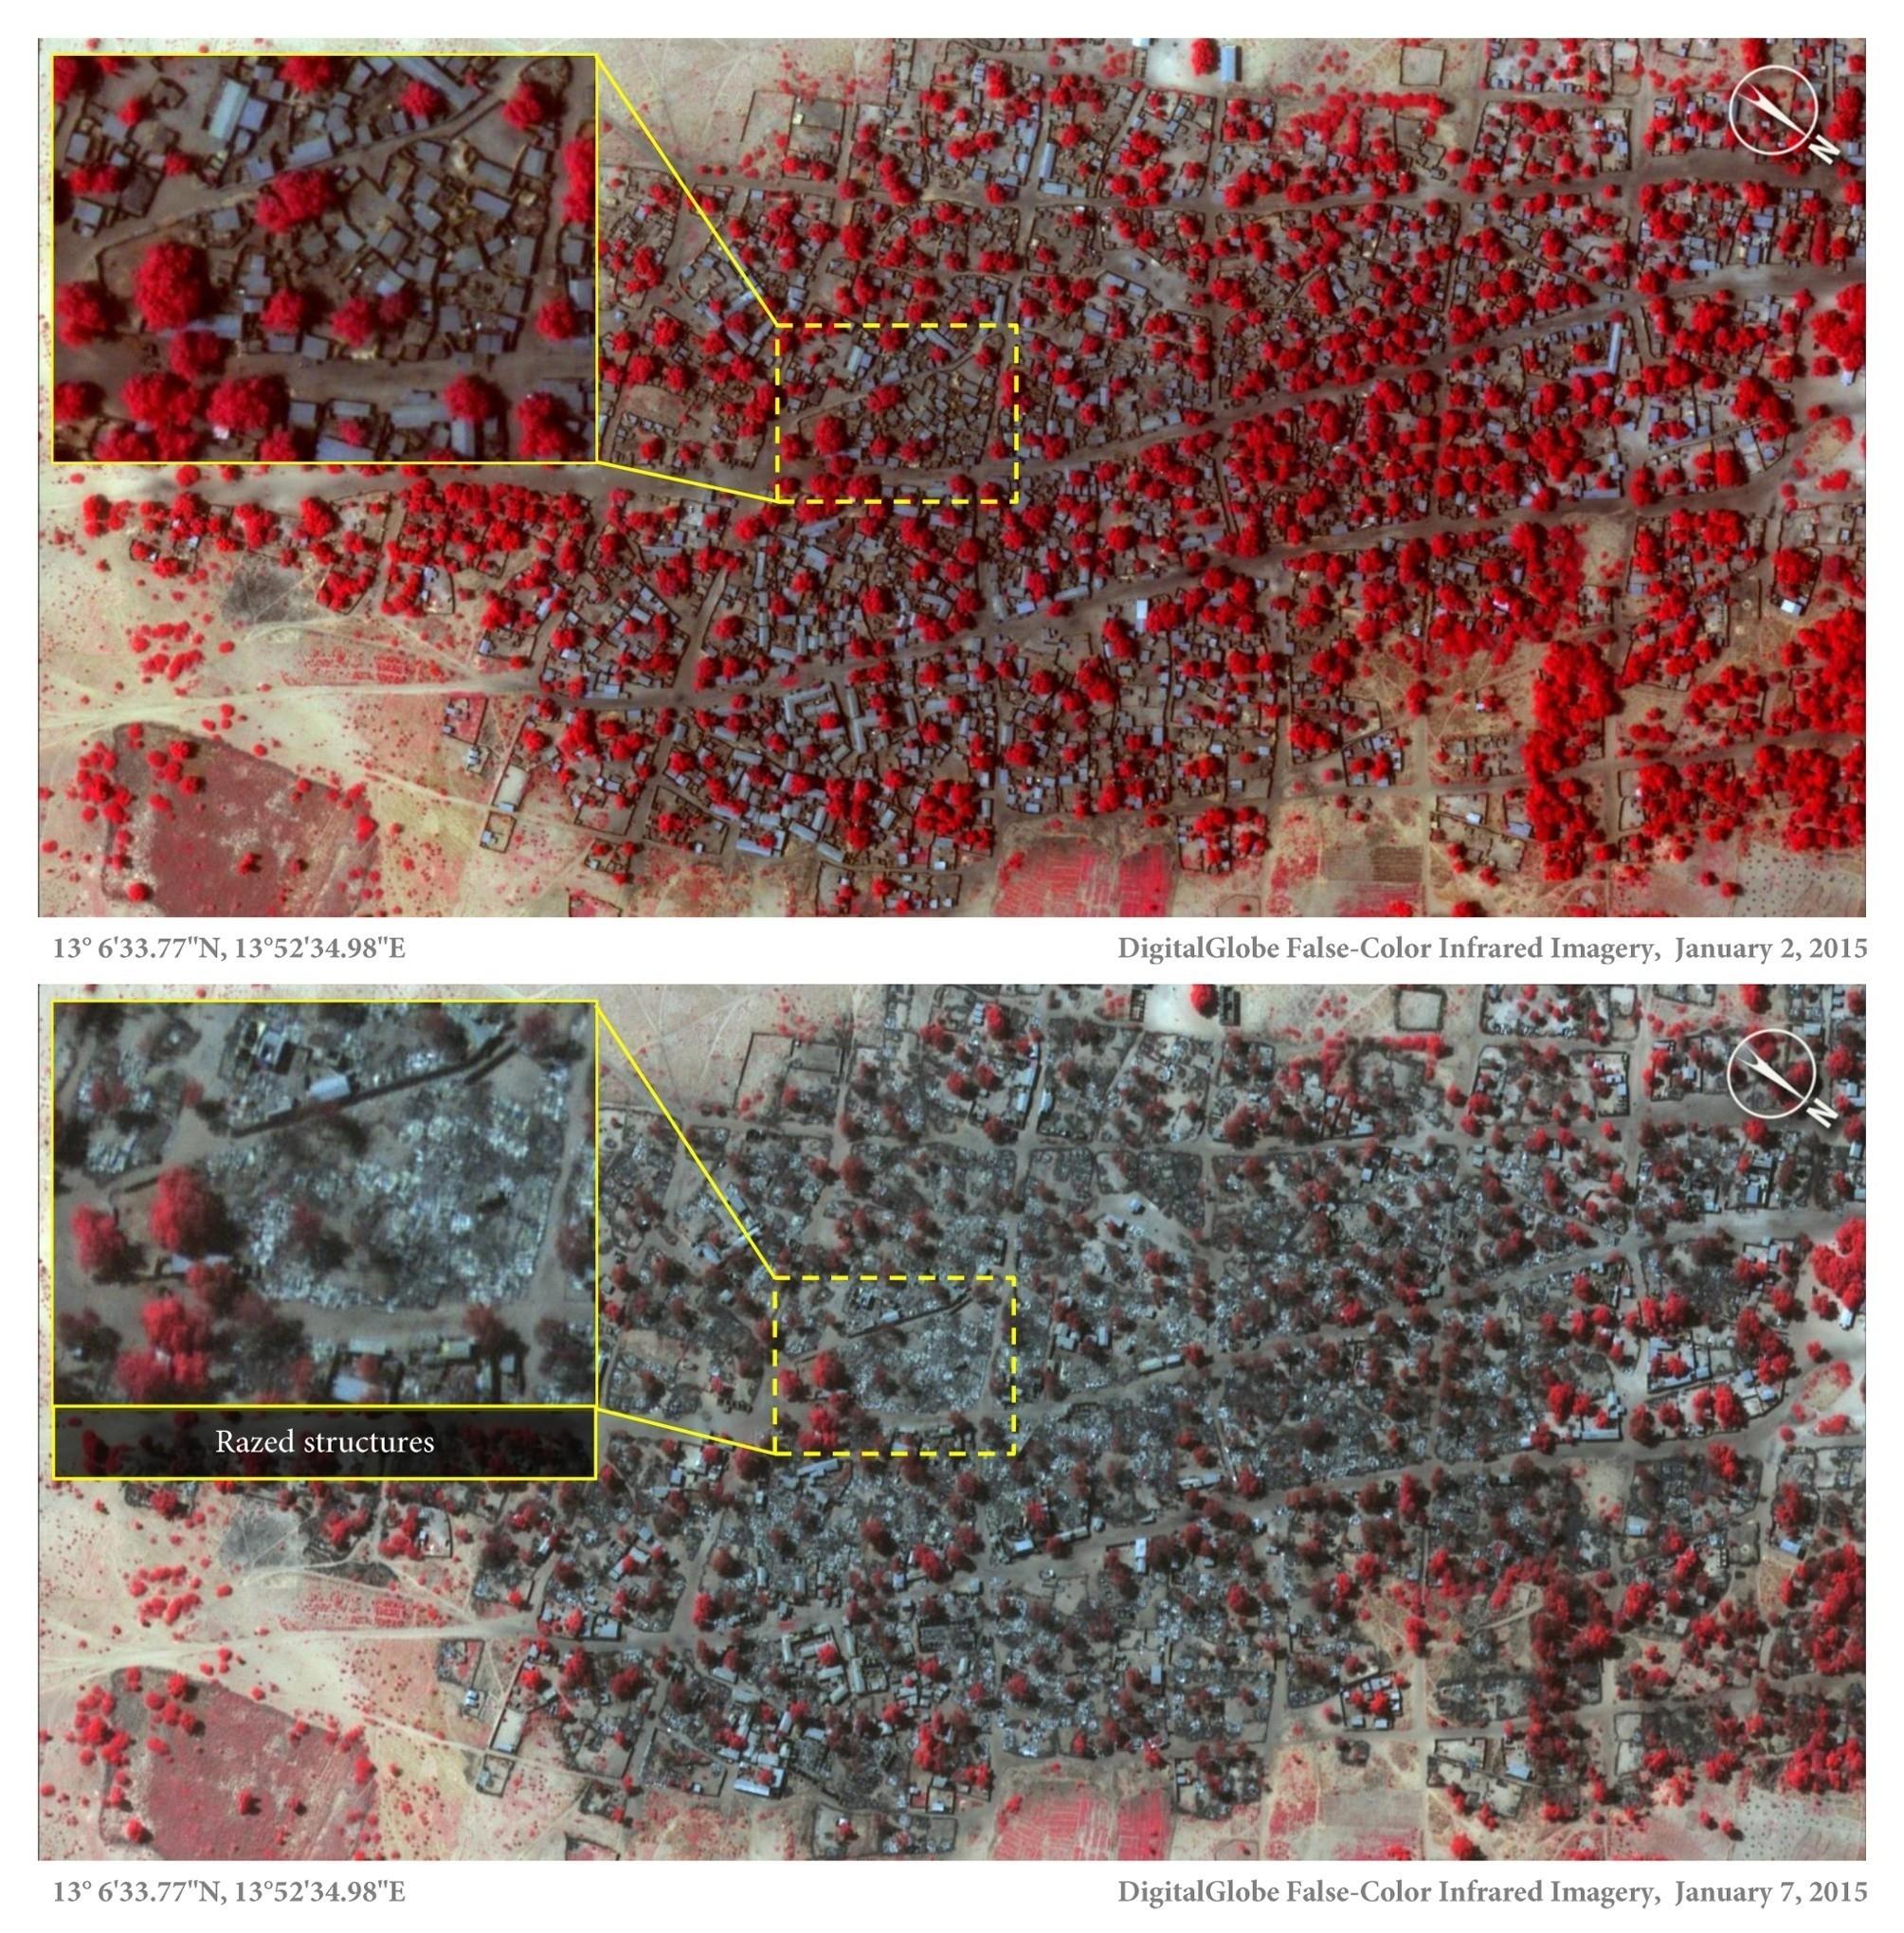 Satellite images reveal devastation of Boko Haram massacre in Nigeria